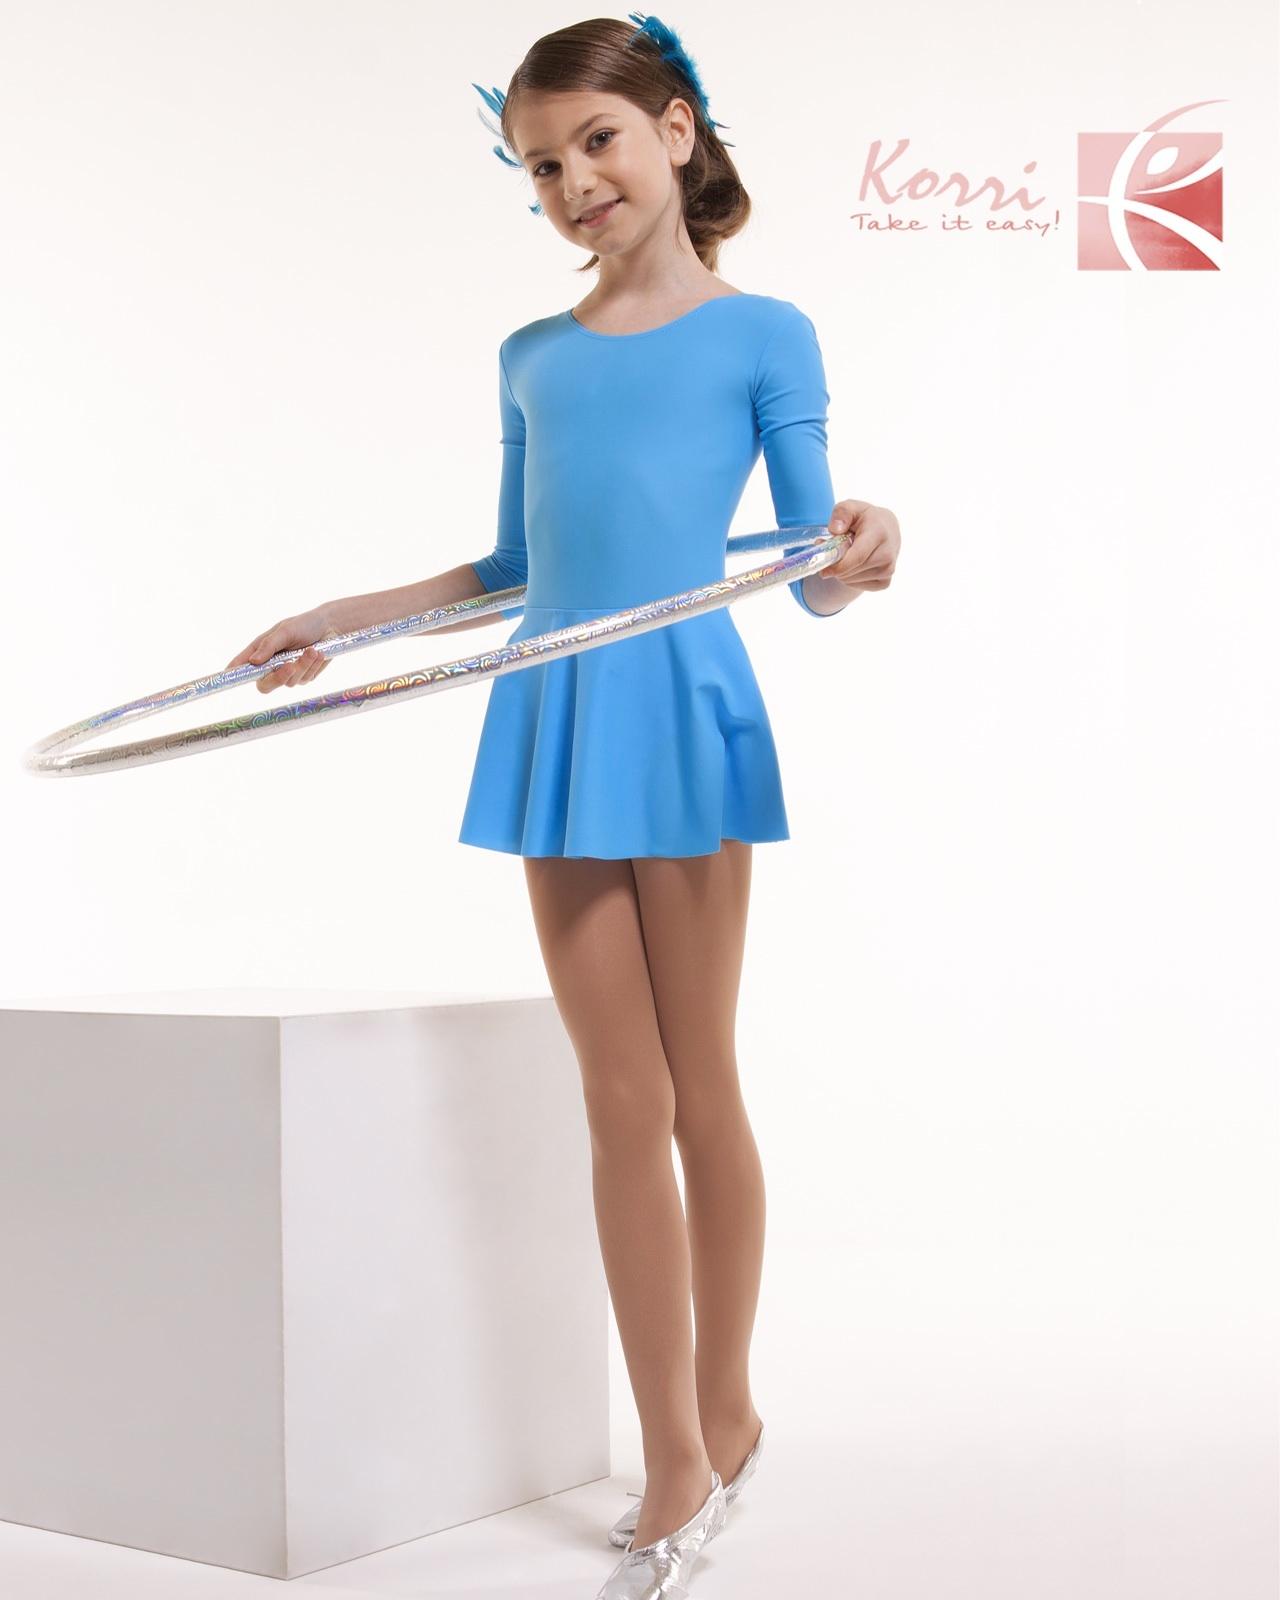 Фото девушек в гимнастических костюмах 23 фотография